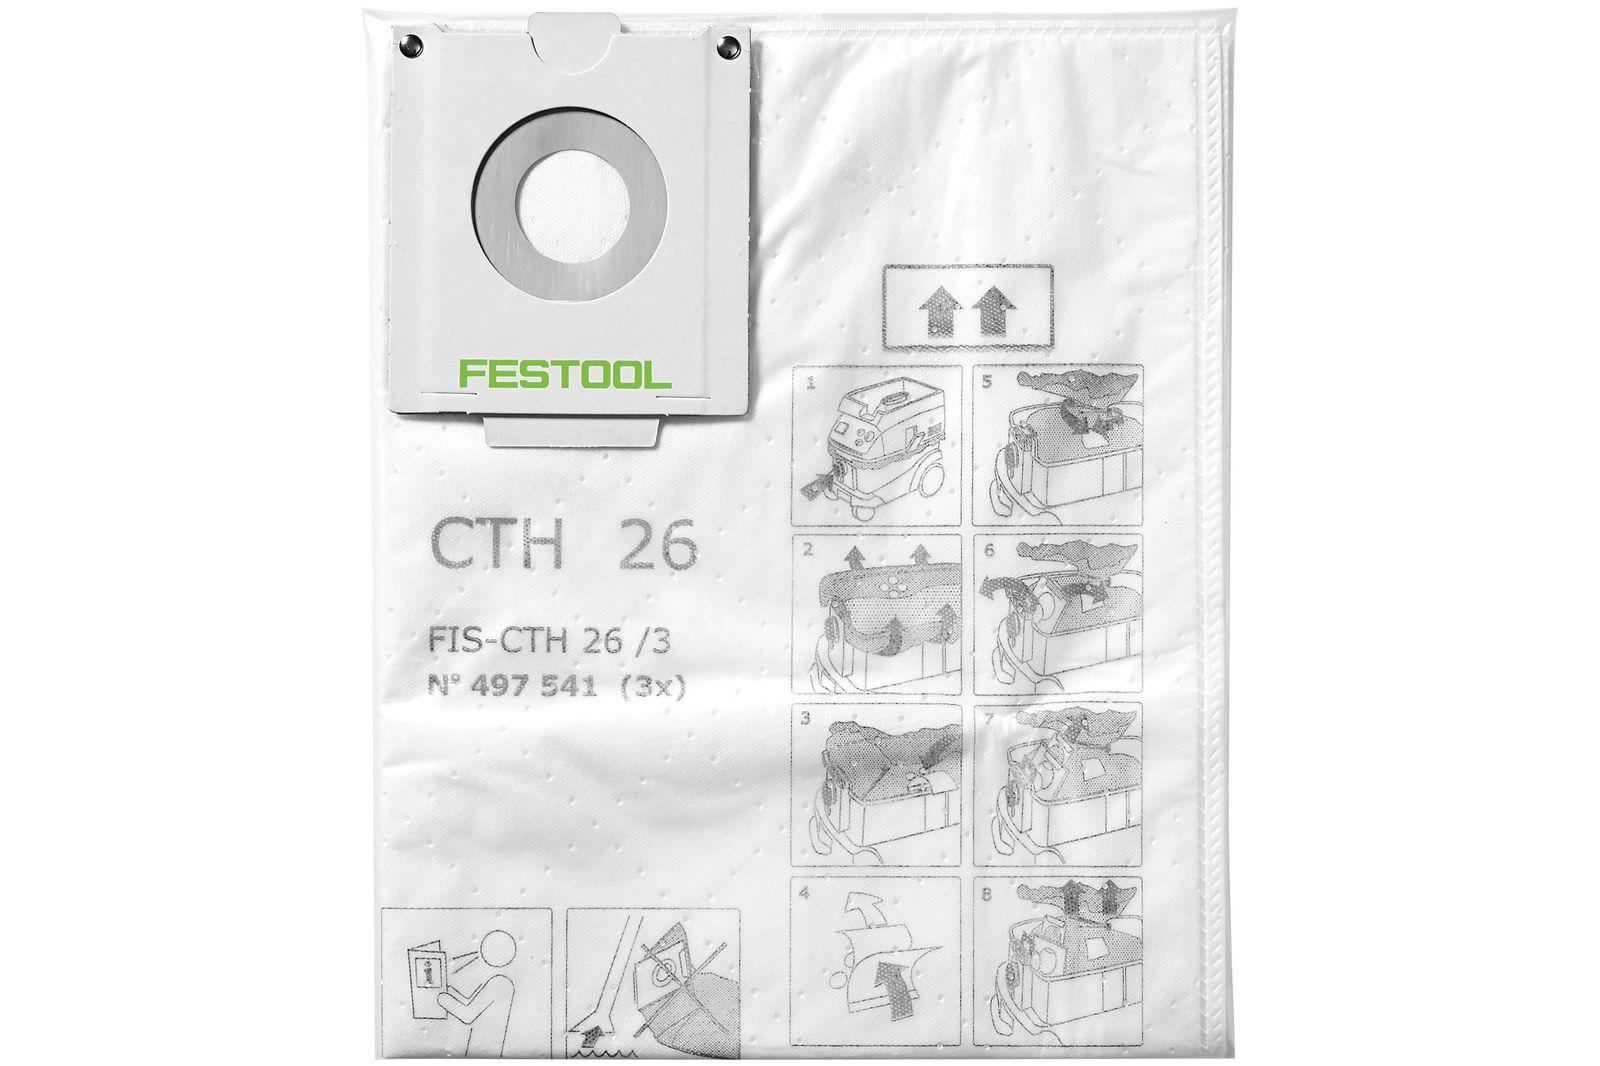 Tekstil støvposer Festool FIS-CTH 48/3 stk